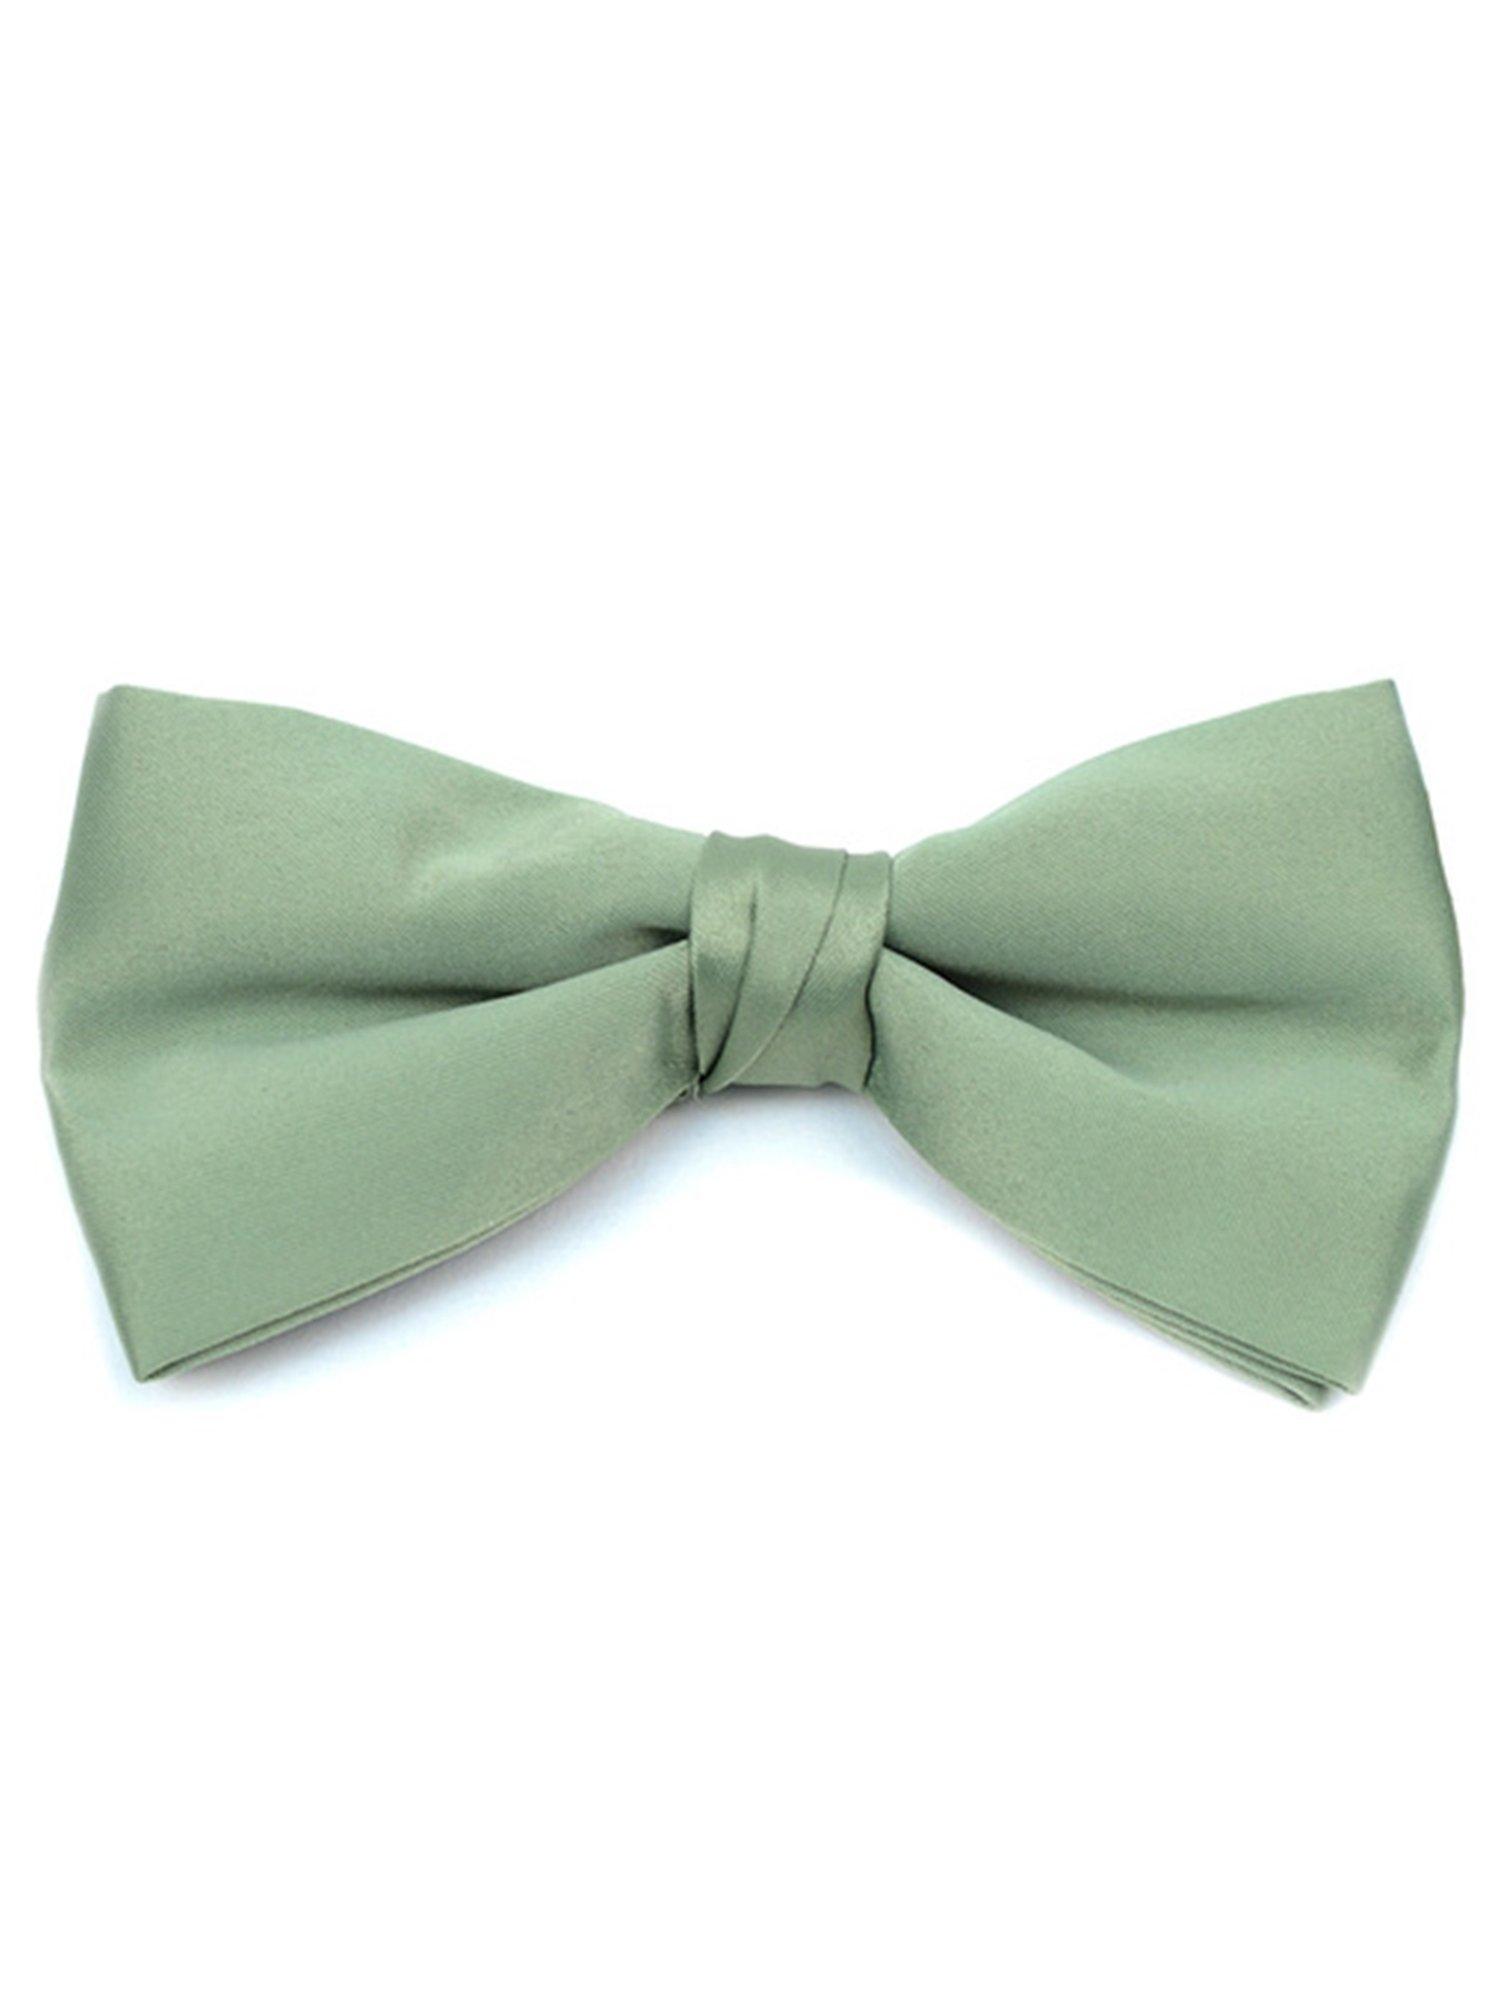 Young Boy's Sage Pre-tied Clip On Bow Tie - Formal Tuxedo Solid Color